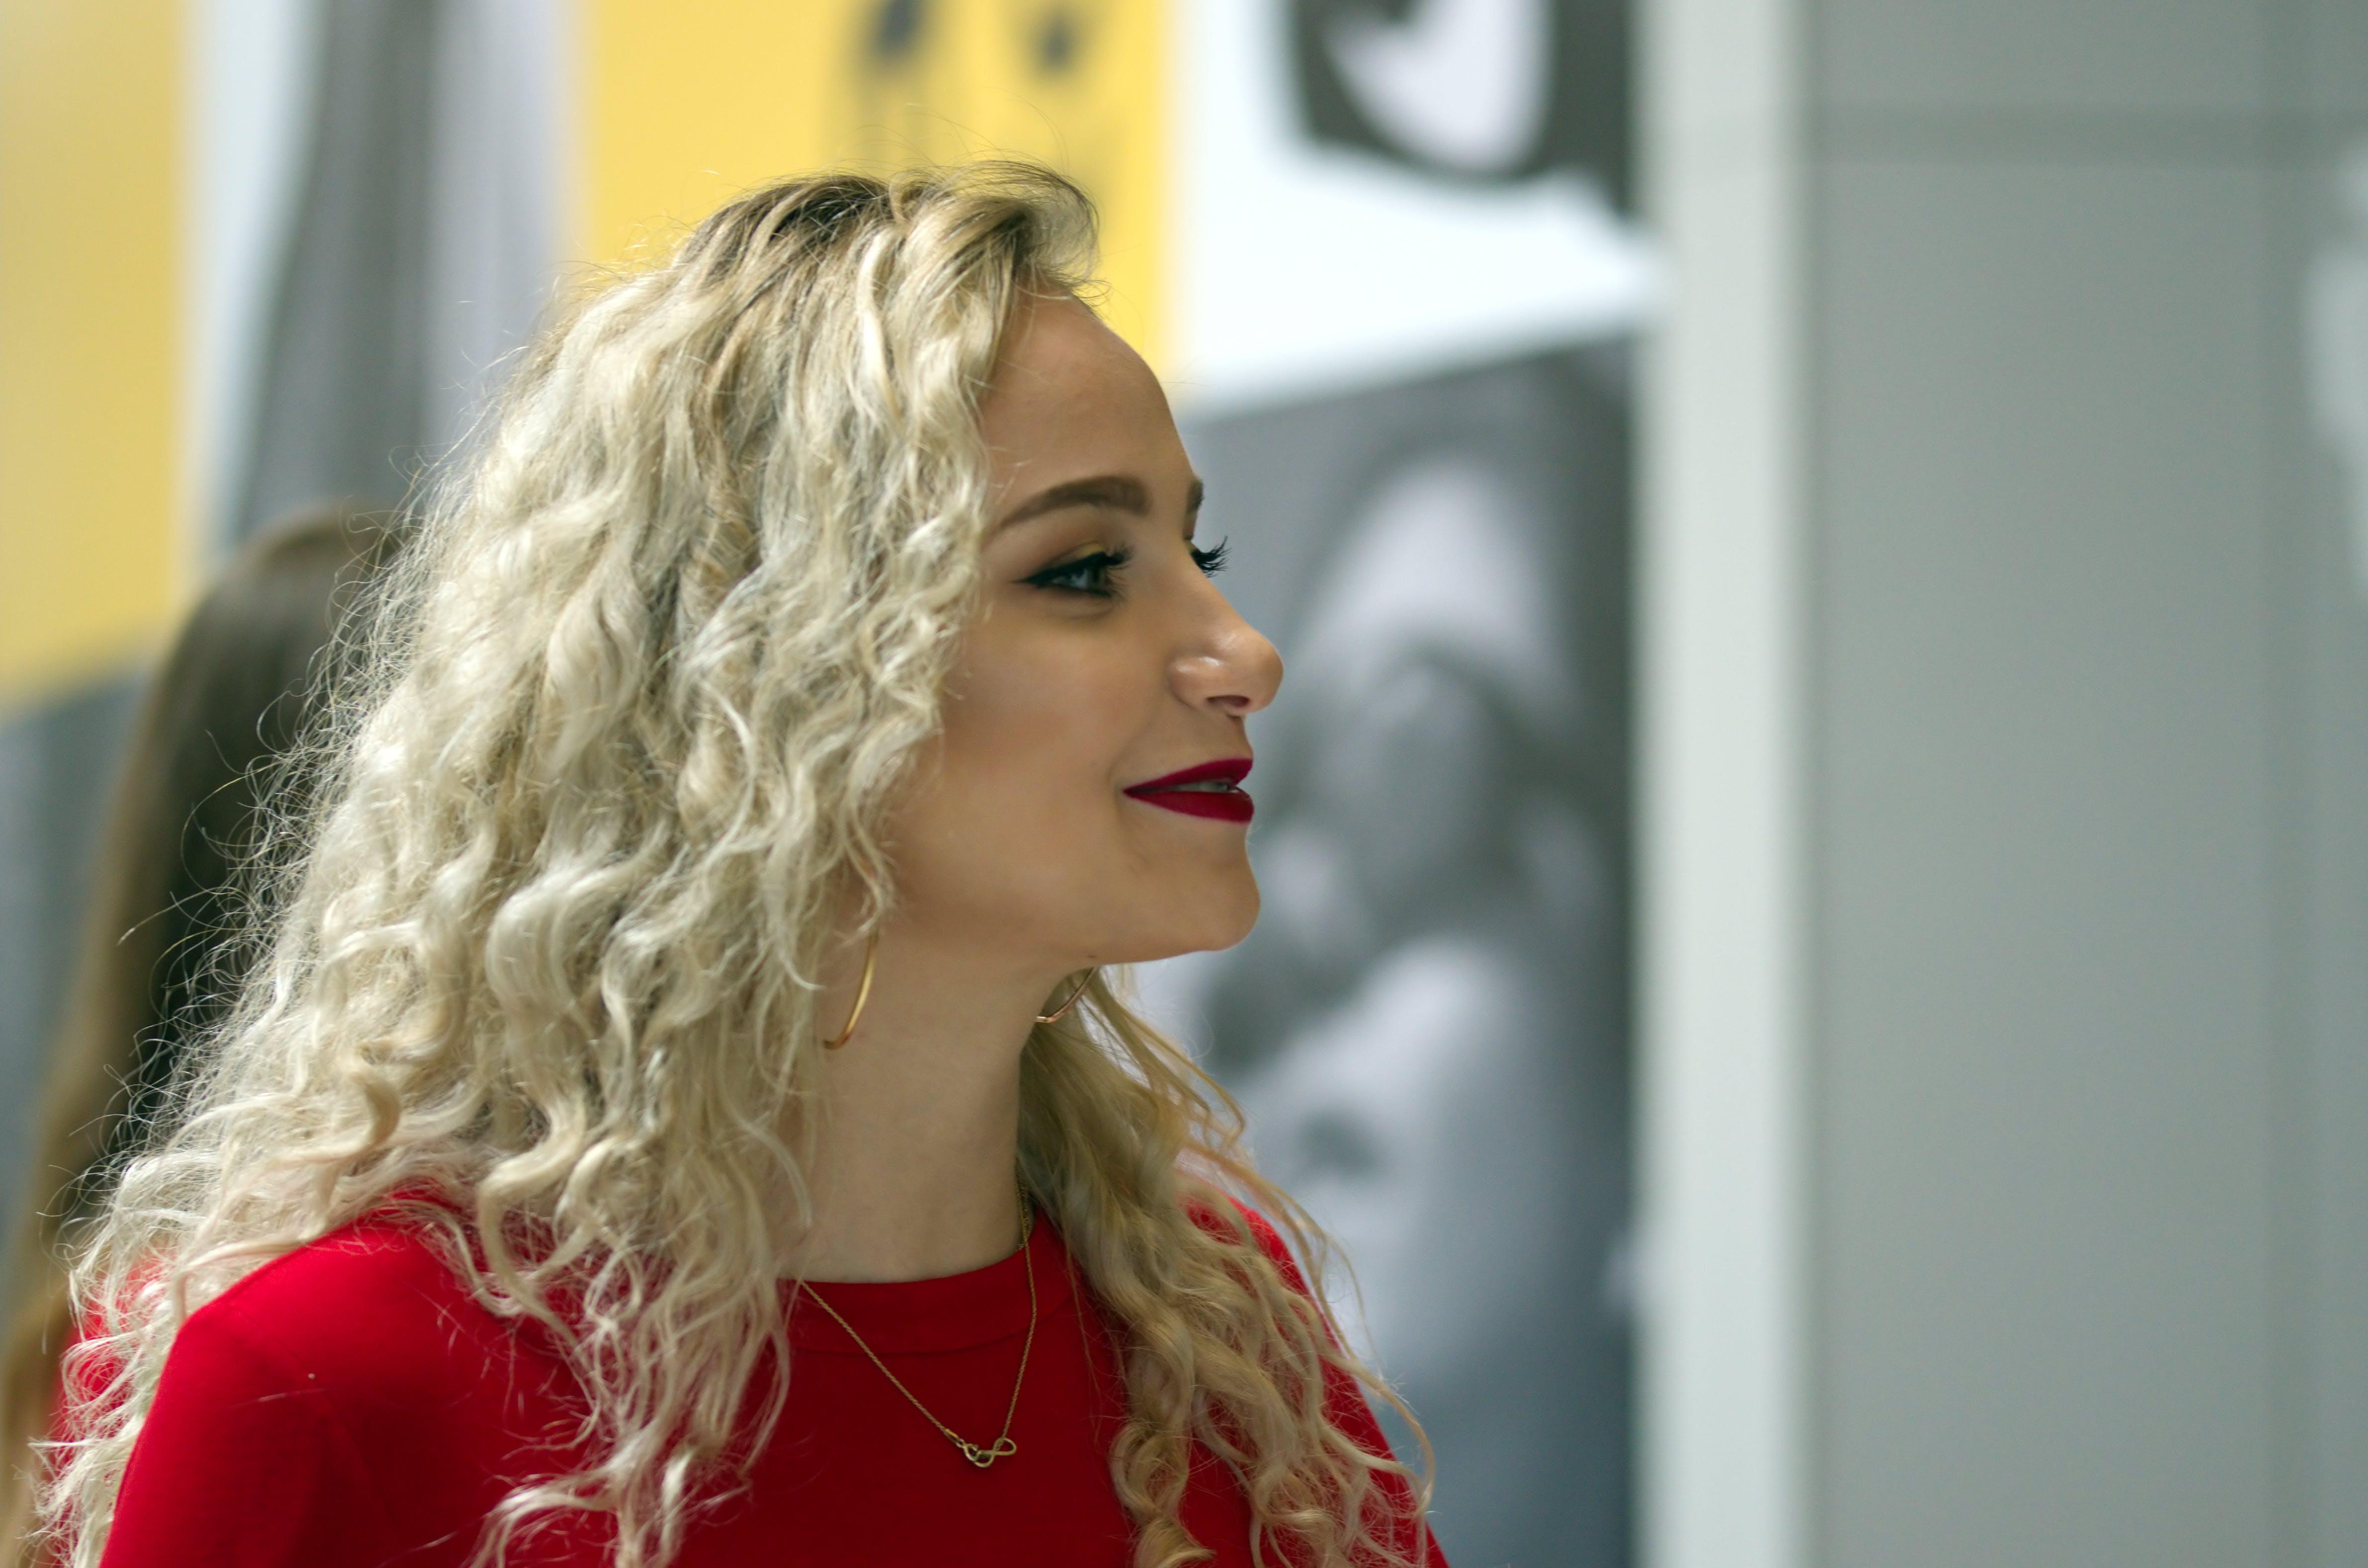 Kostnadsfri bild av blond, flicka, händelse, inomhus